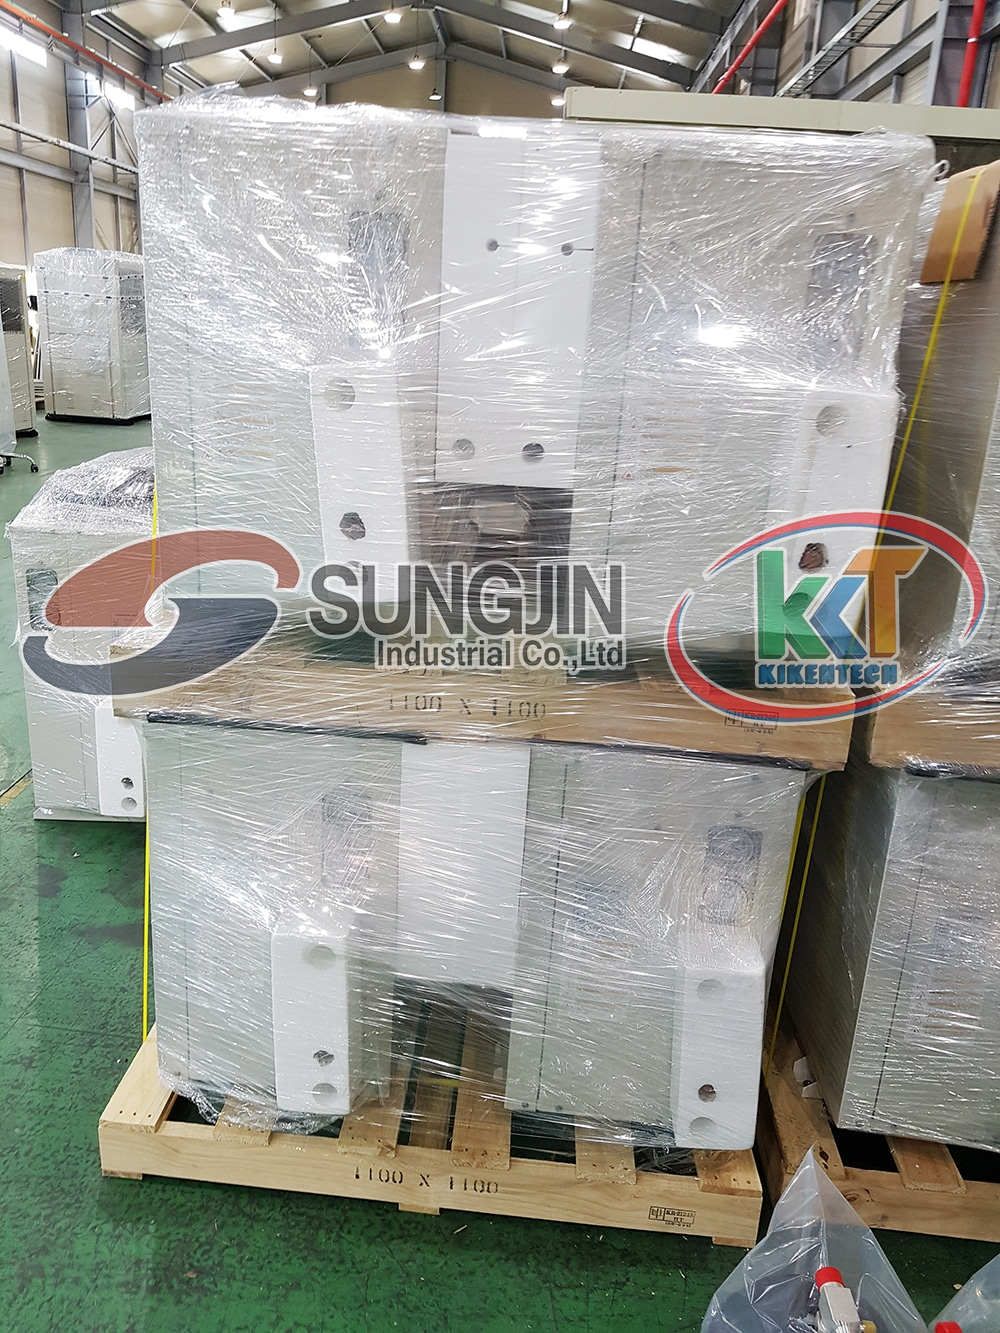 Mua dàn lạnh công nghiệp, cụm máy nén dàn ngưng, cụm máy kho lạnh để lắp đặt kho lạnh tại Kikentech. Mua máy móc kho lạnh Sungjin liên hệ 0944.899.886